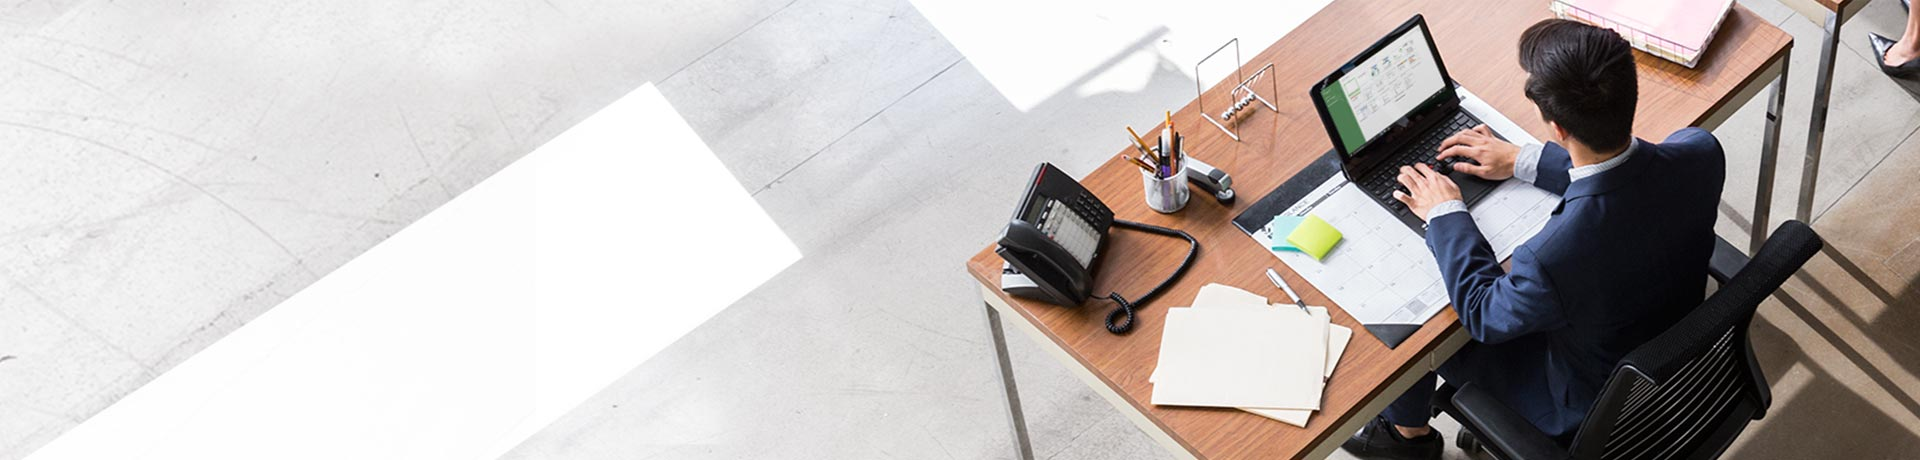 Homme assis à un bureau et travaillant sur un fichier Microsoft Project à l'aide d'un ordinateur portable.